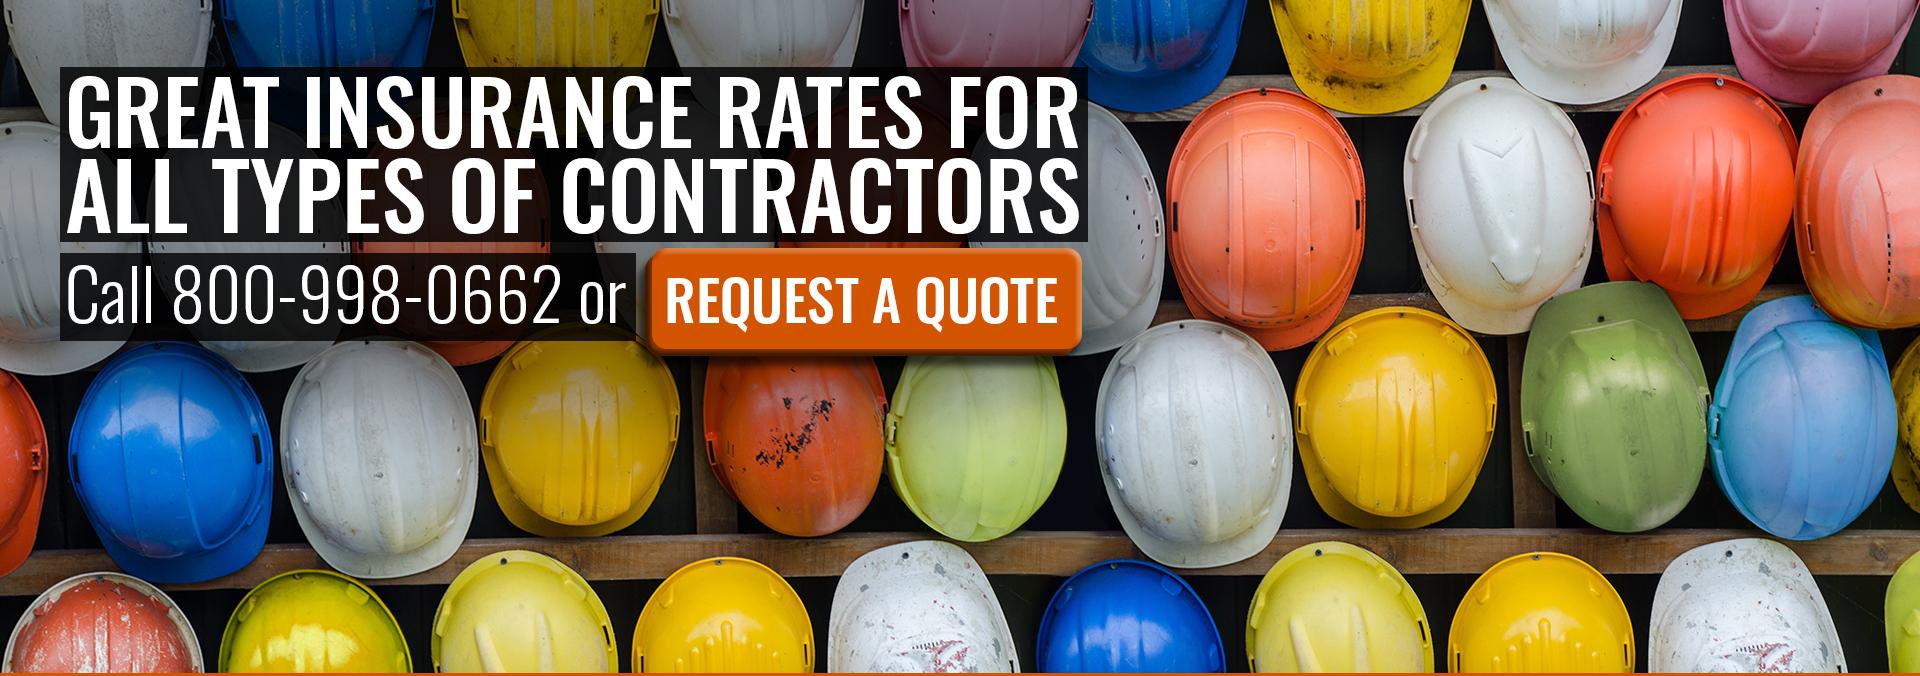 Ohio Contractors Insurance